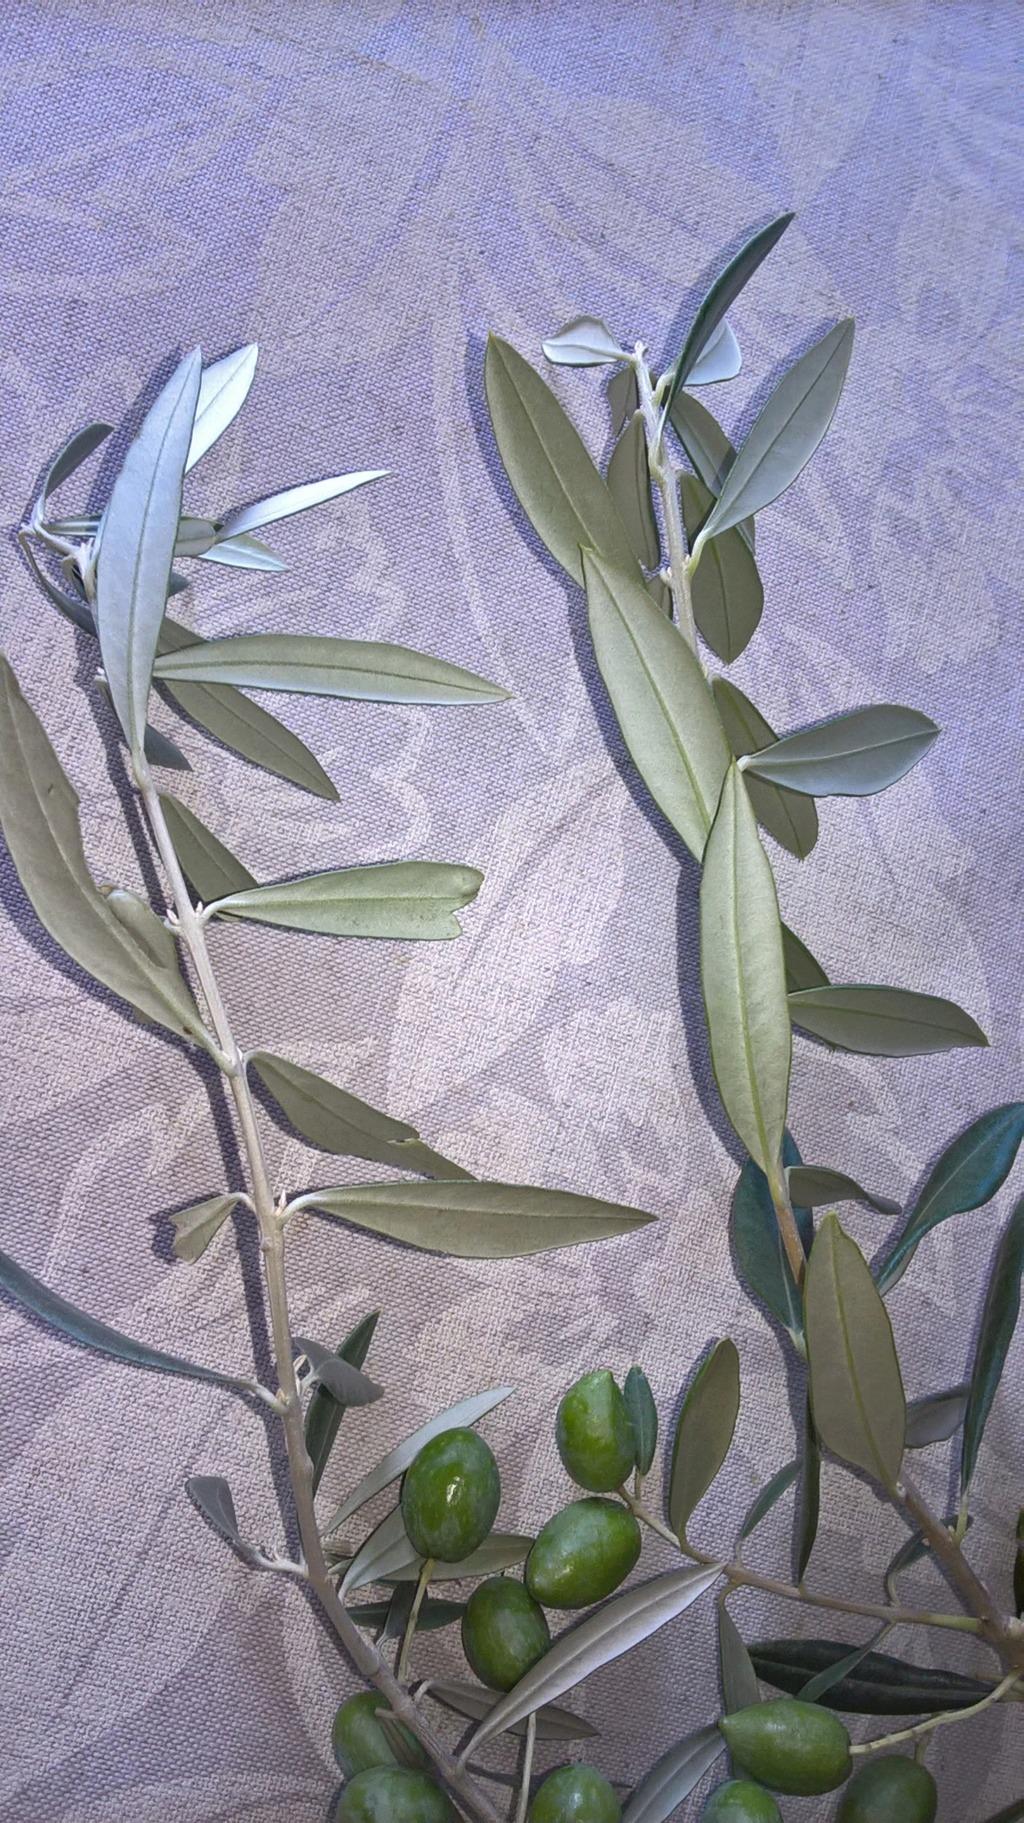 ¿Qué variedad son estos olivos? (Croacia) - Página 2 Wp_20115